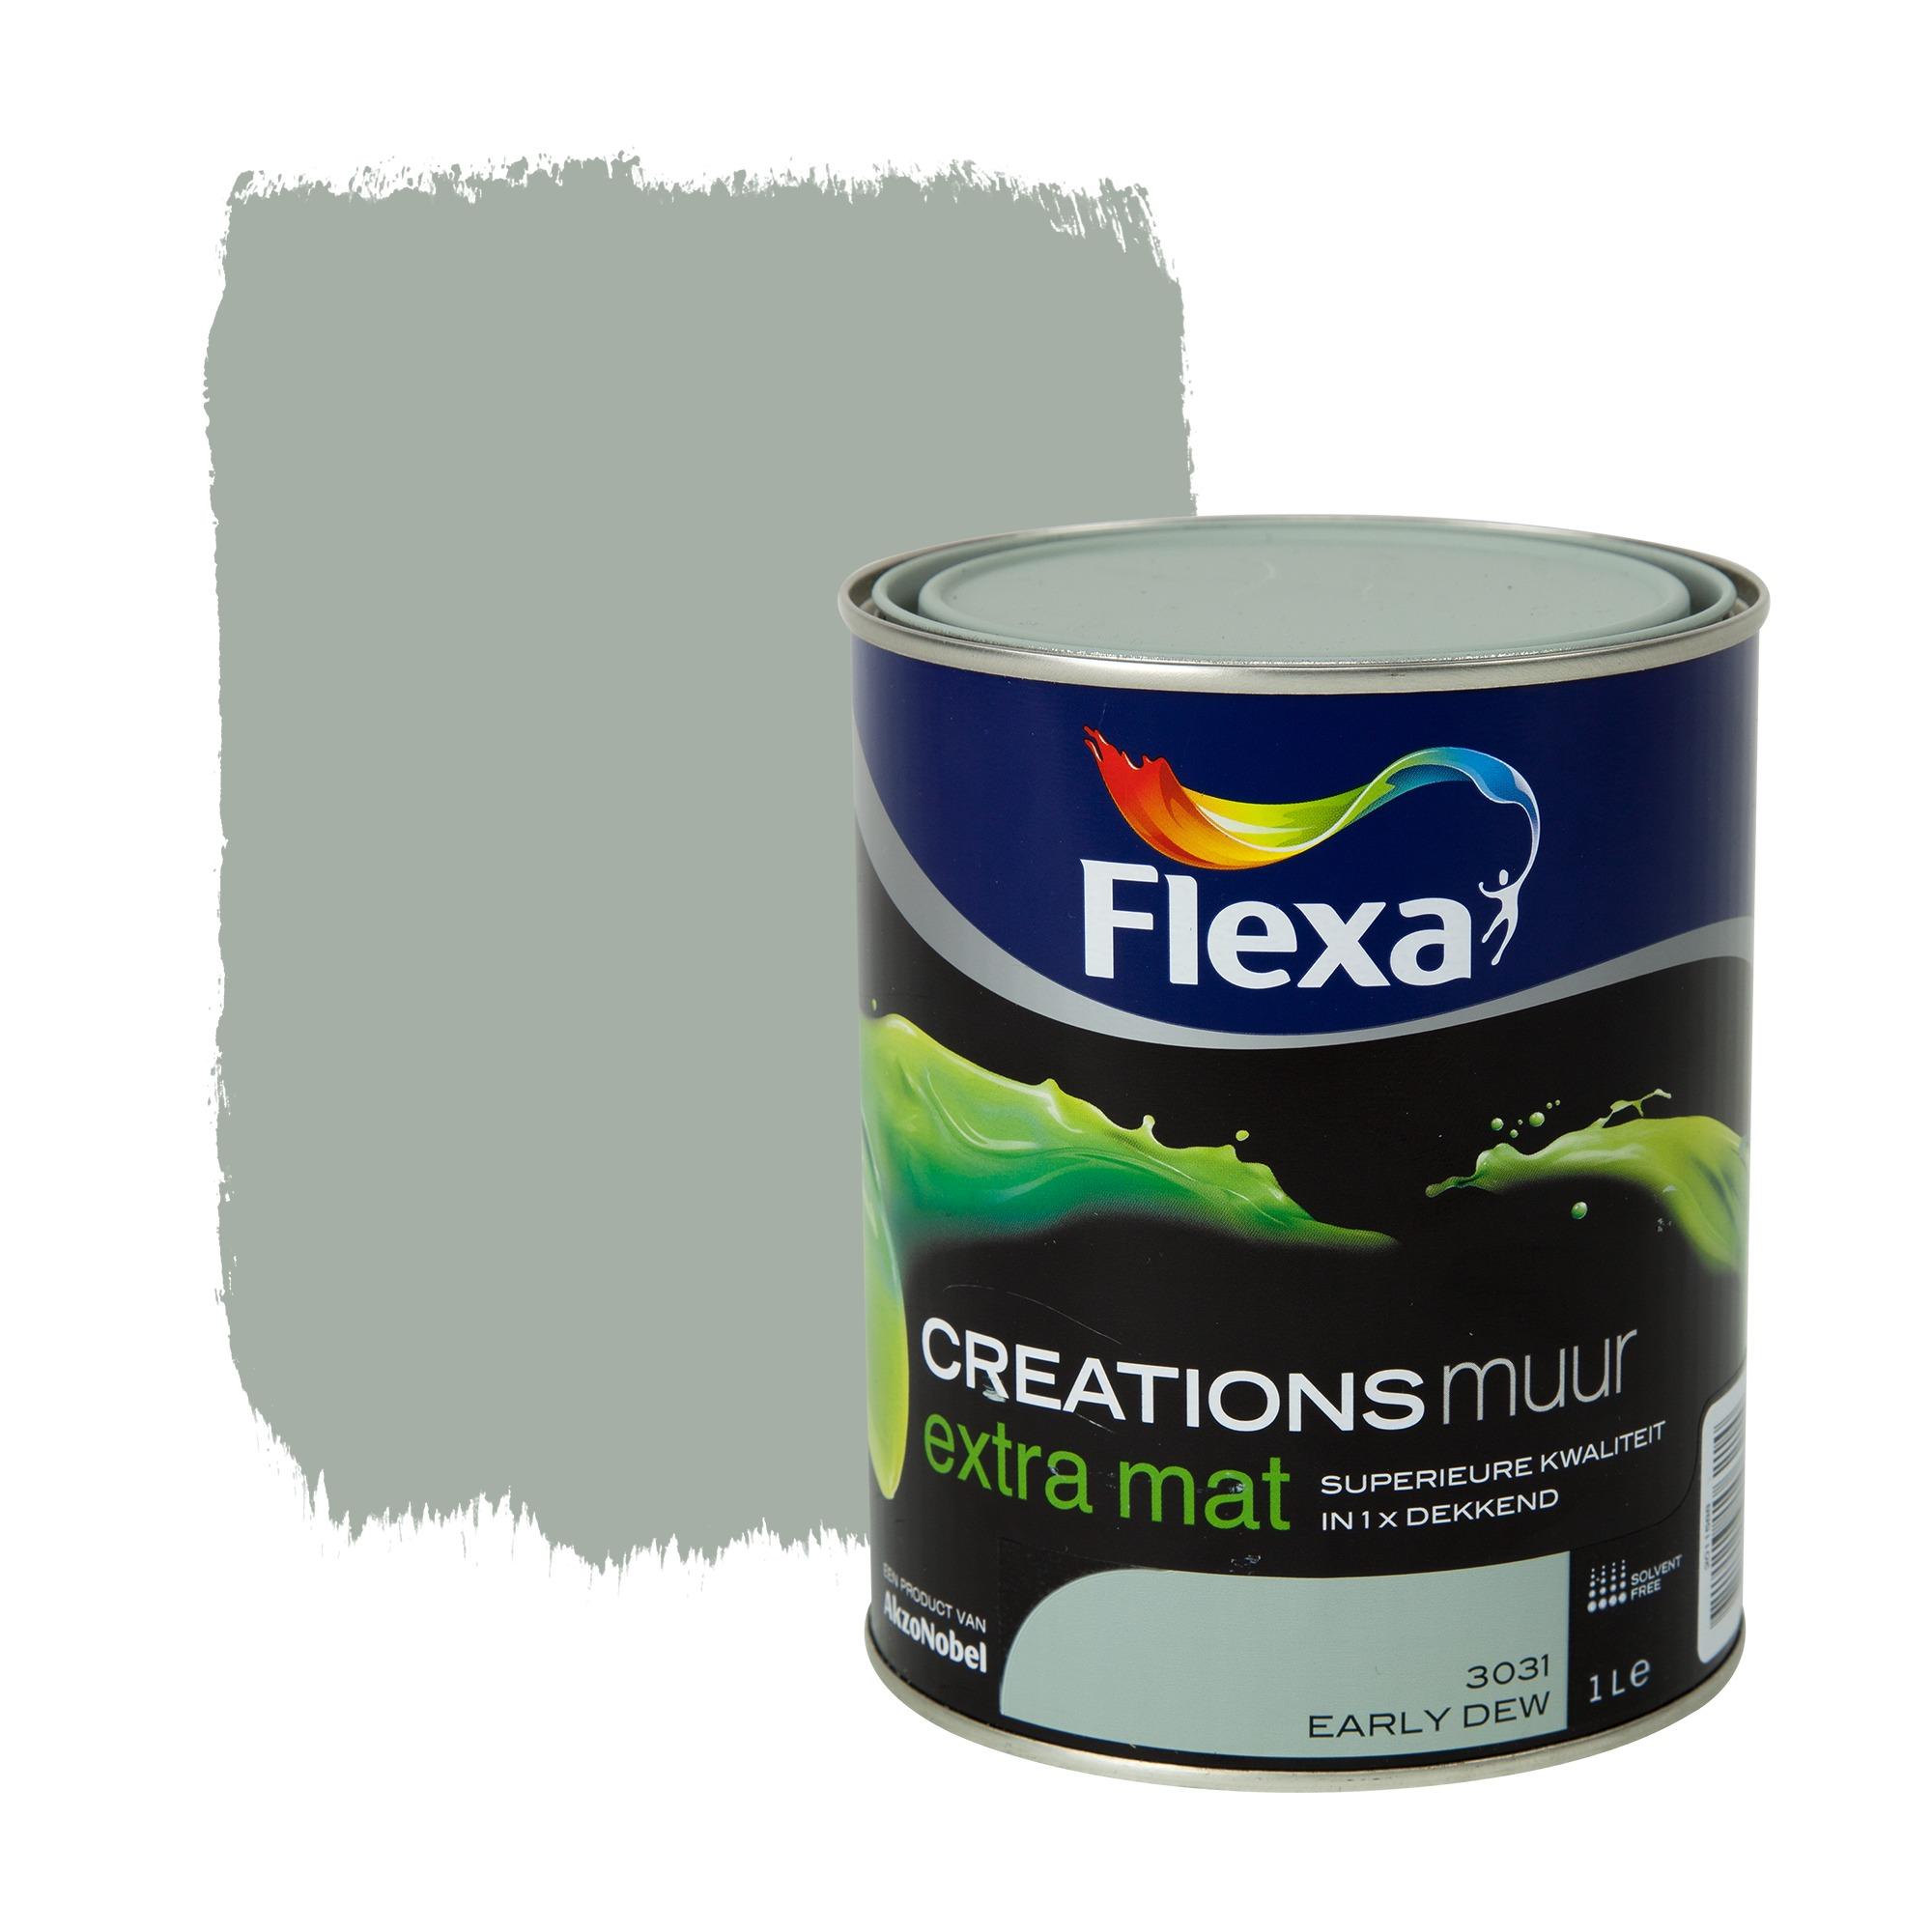 flexa early dew kopen : Flexa Creations Muurverf Early Dew Extra Mat 1 Liter Inrichting